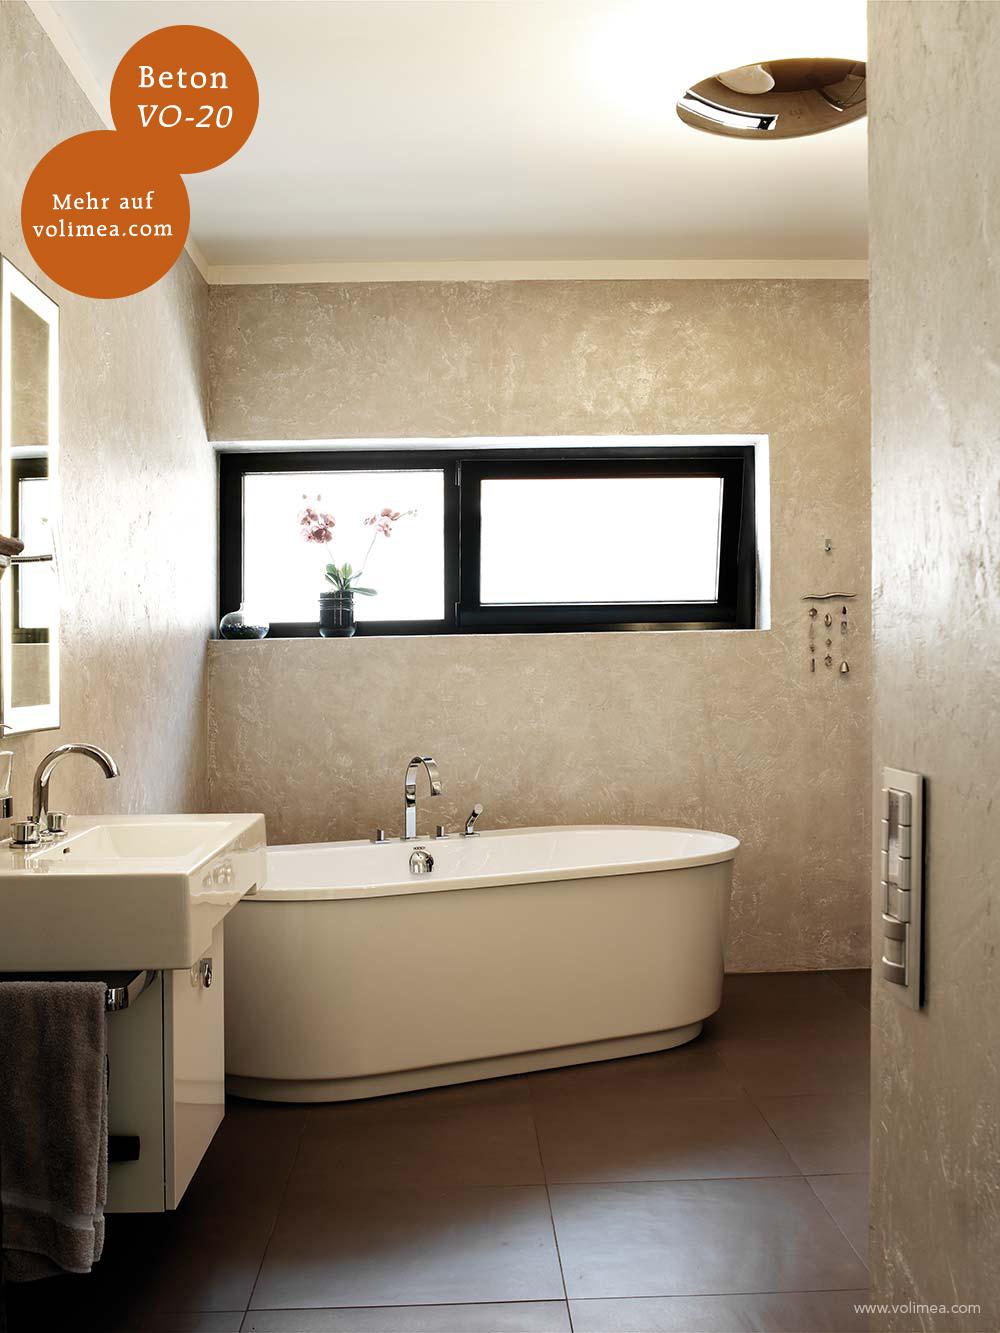 Mikrozement fugenlose Volimea Wandbeschichtung im Badezimmer - Beton VO-20 mit Silberlasur